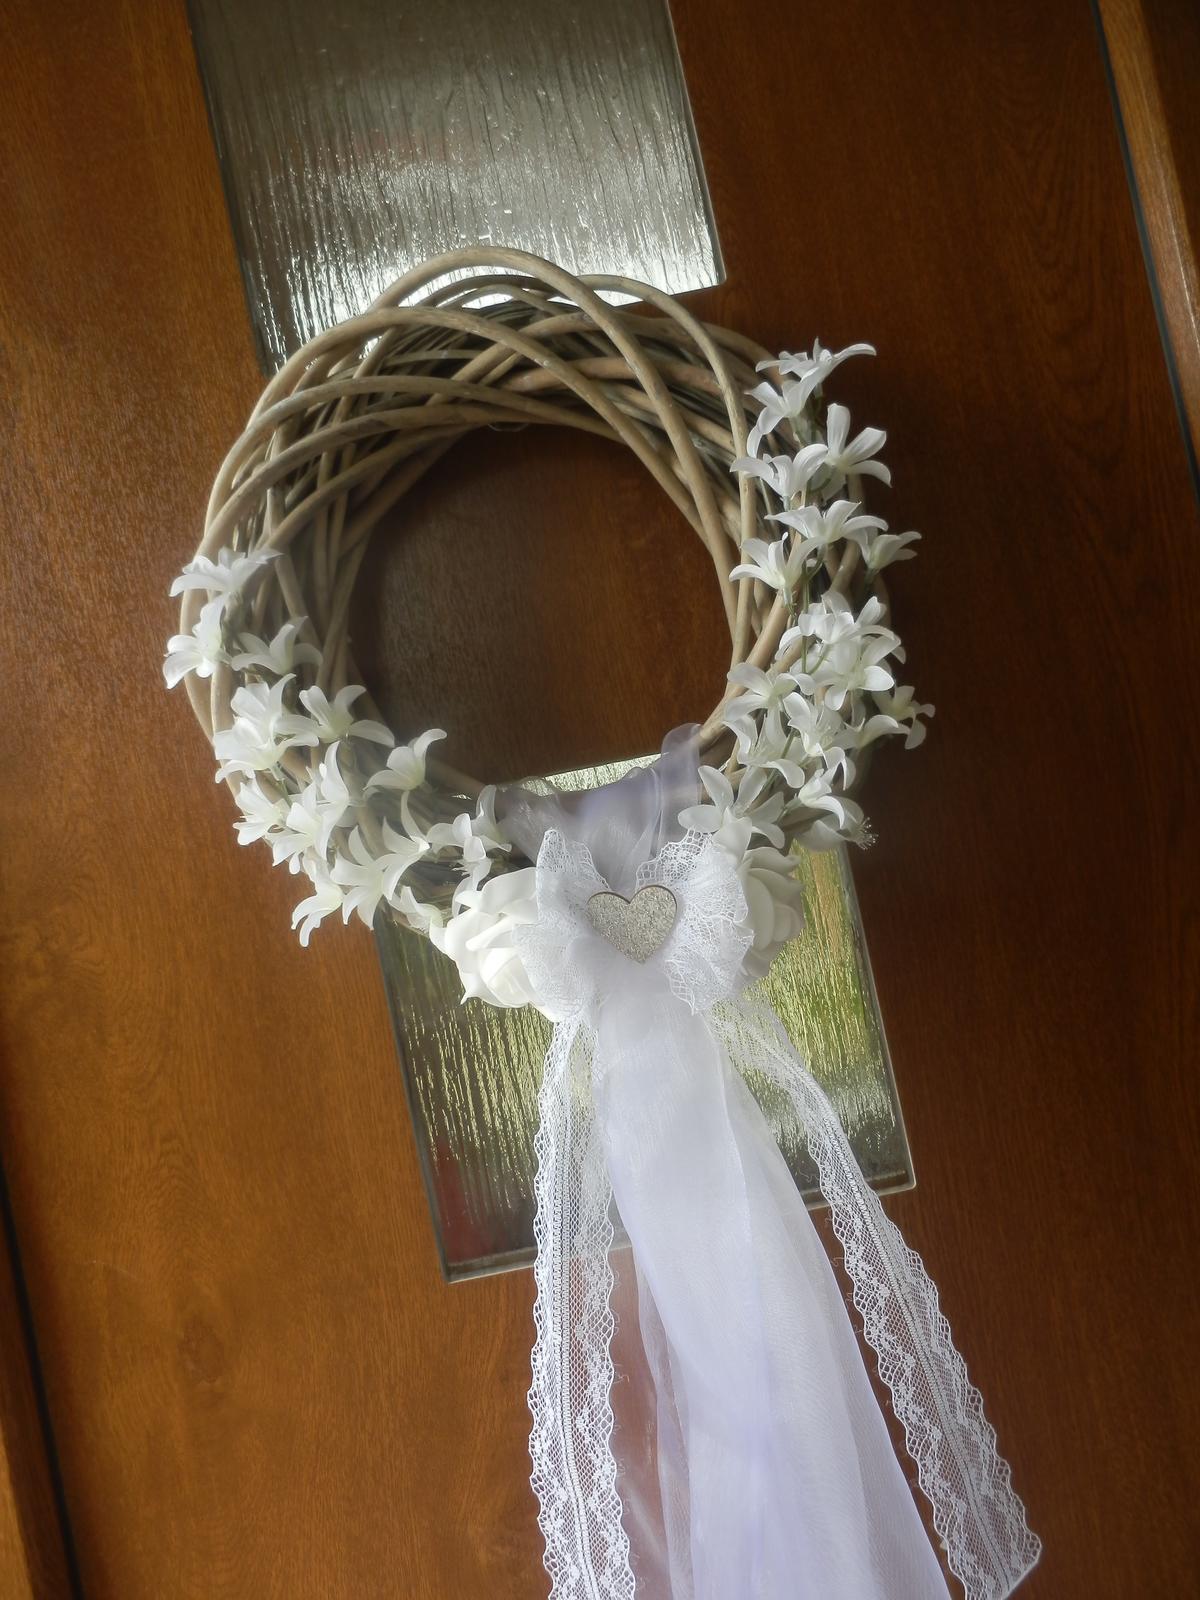 Svatební věnec, věneček na dveře nevěsty  - Obrázek č. 1